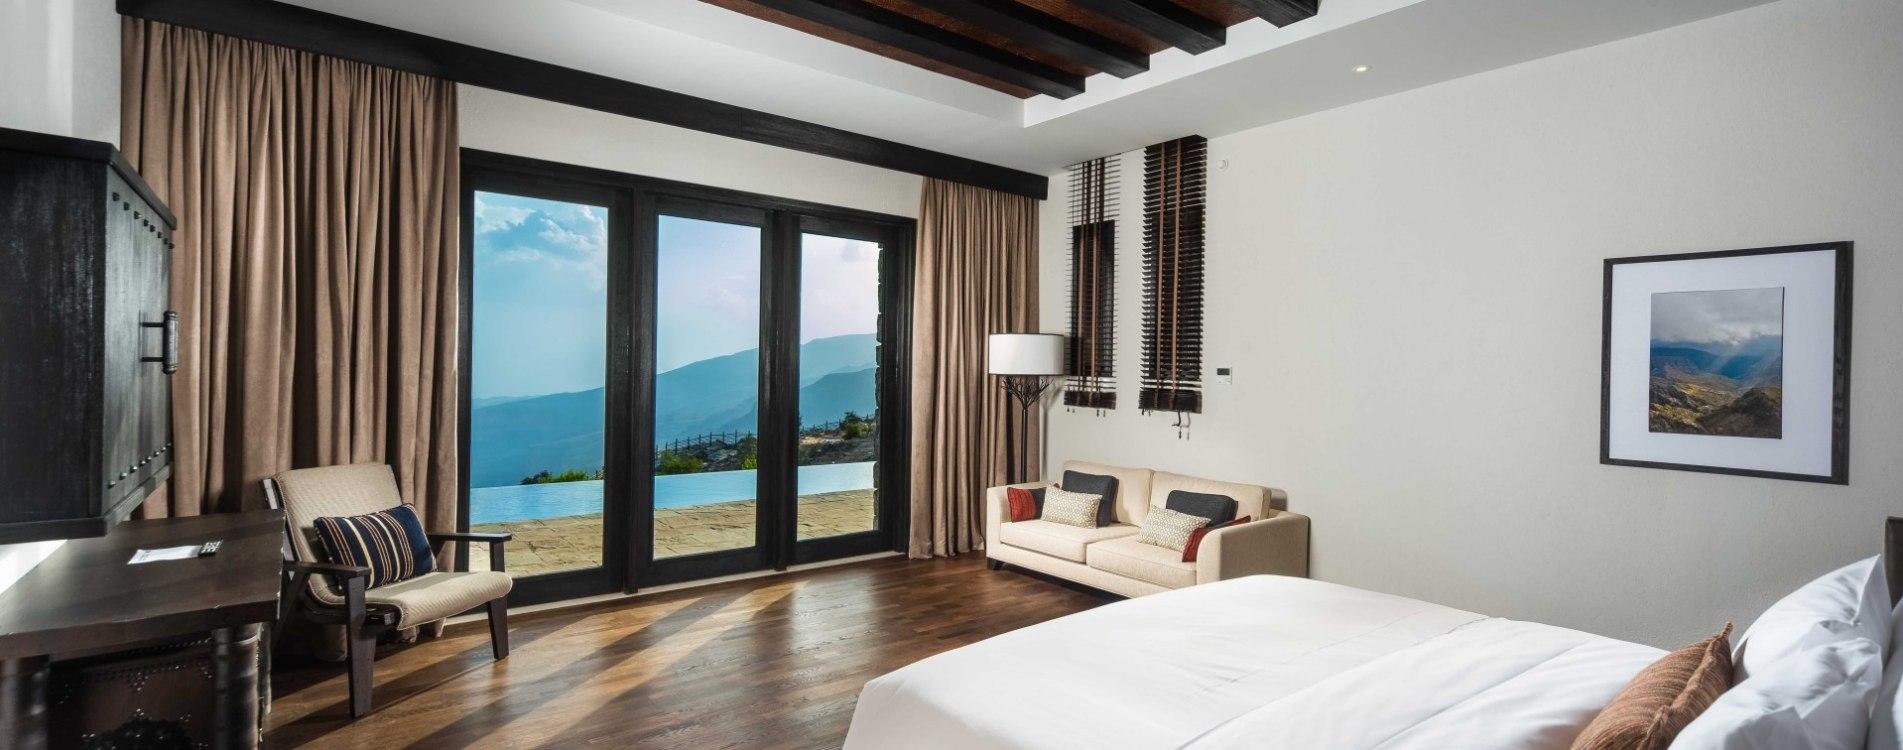 Alila-Jabal-Akhdar-Jabal-Villa-Schlafzimmer-Interior-Oman.jpg